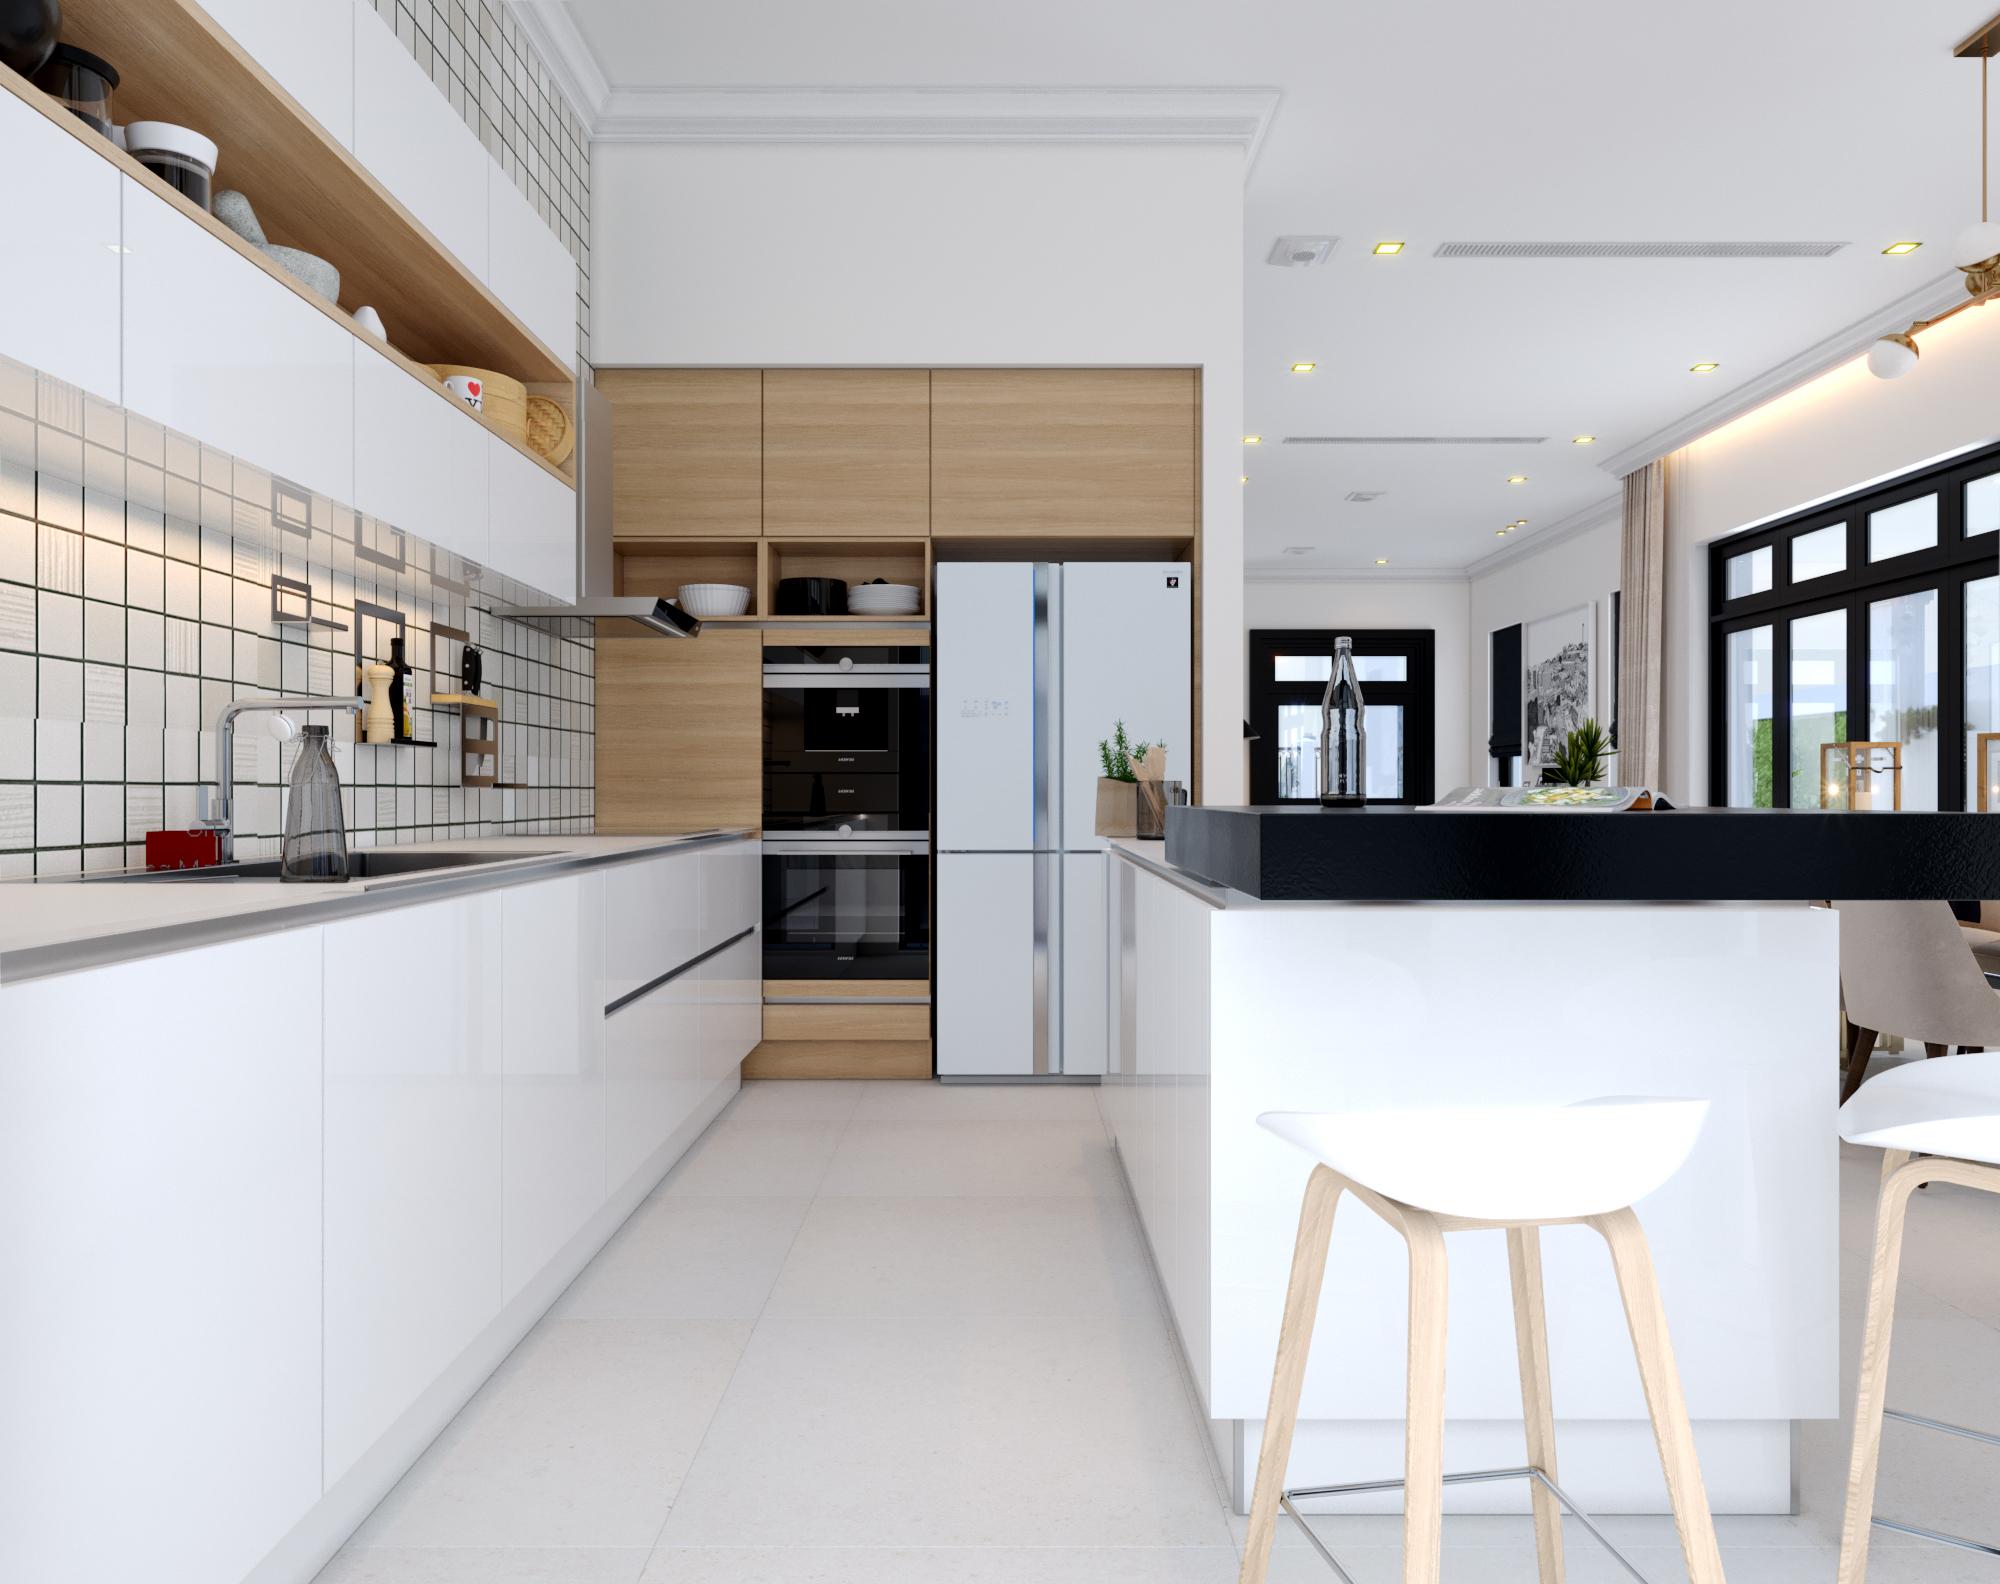 thiết kế Nội thất Biệt Thự 4 tầng Biệt thự Vinhomes - the Harmony1010